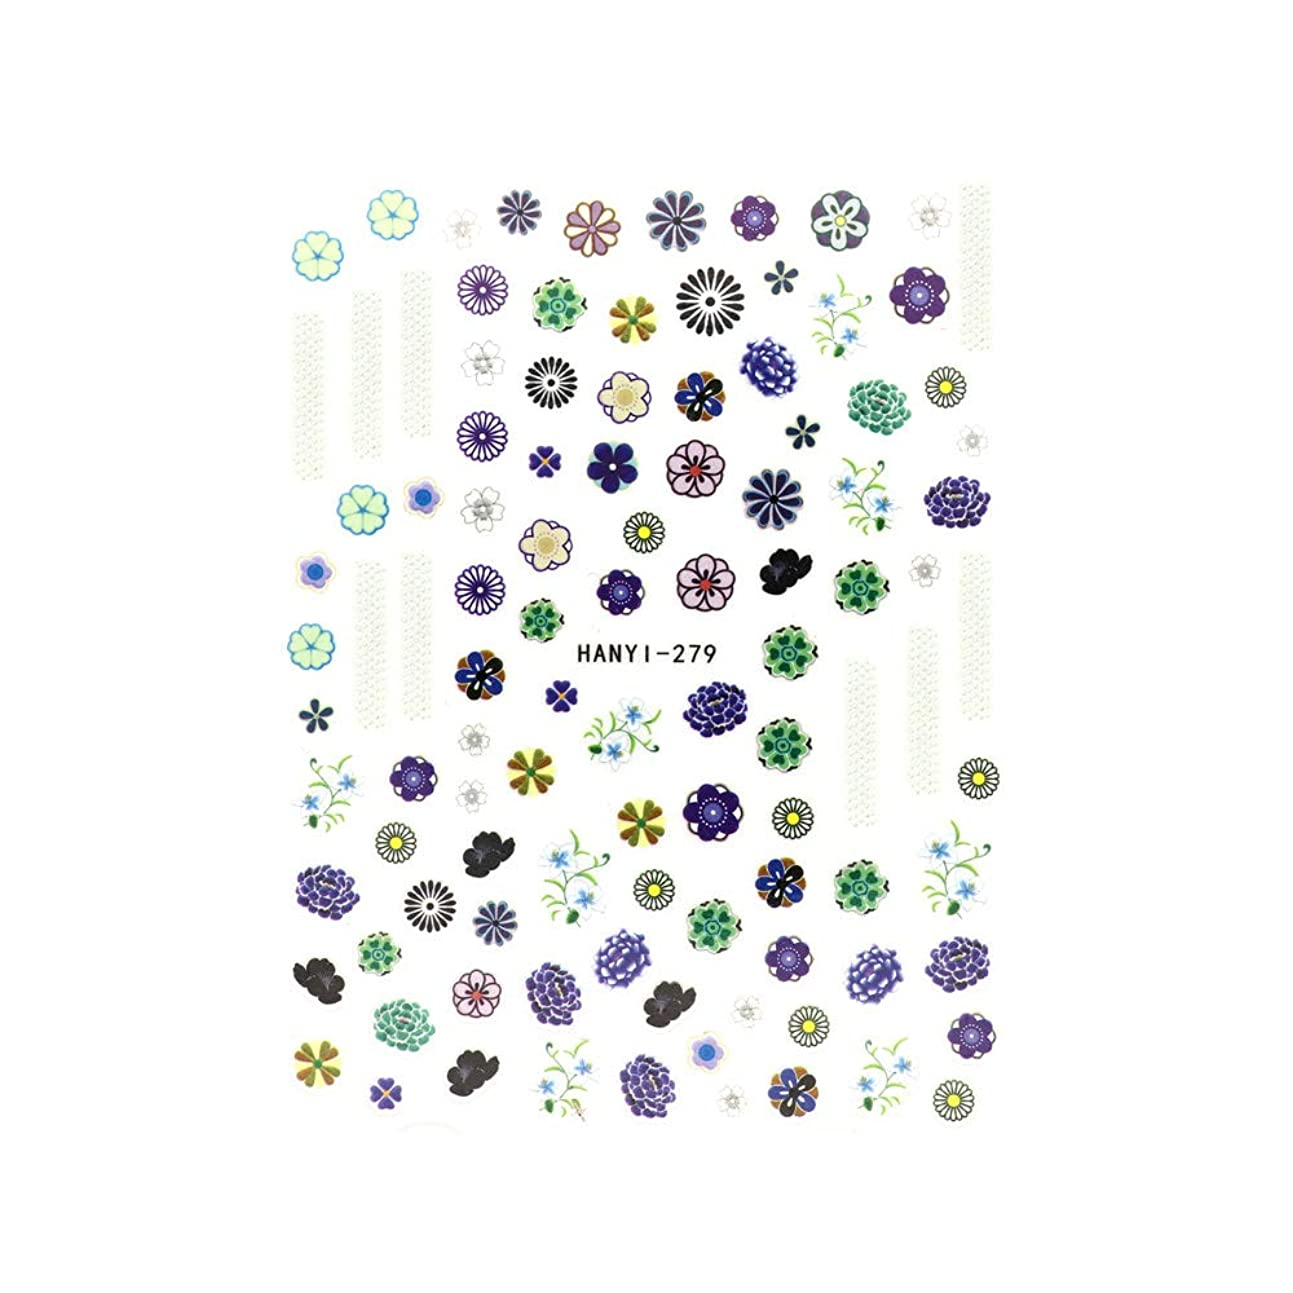 視線請求書現実にはネイルシール 古典和花シール【HANYI-279】古典和花シール ブルーフラワーネイル 花柄 和柄ネイル 和装ネイル フラワーシール 浴衣 着物 桜 牡丹